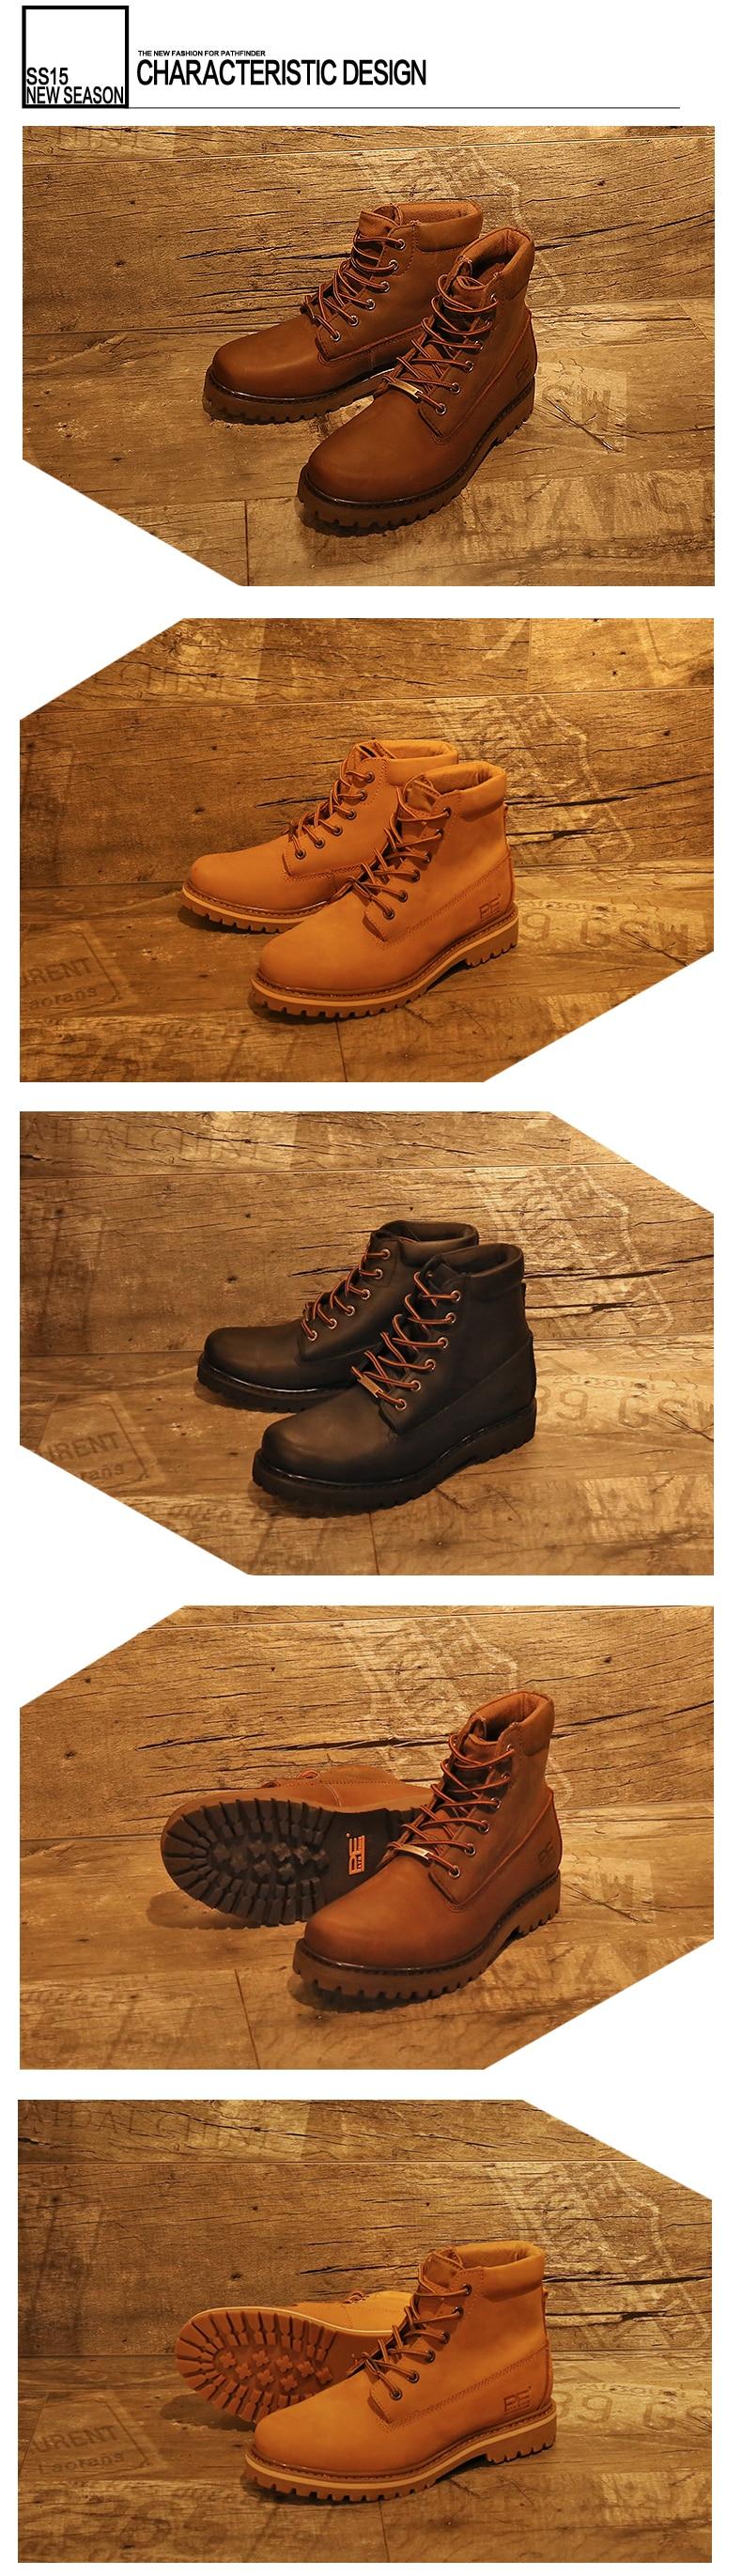 ba267cd0127a Pathfind brand new Mens En Cuir Neige Martin Outillage militaire Bottes  Hommes En Plein Air Chaussures chaudes Rétro Automne Hiver hommes bois  Bottes